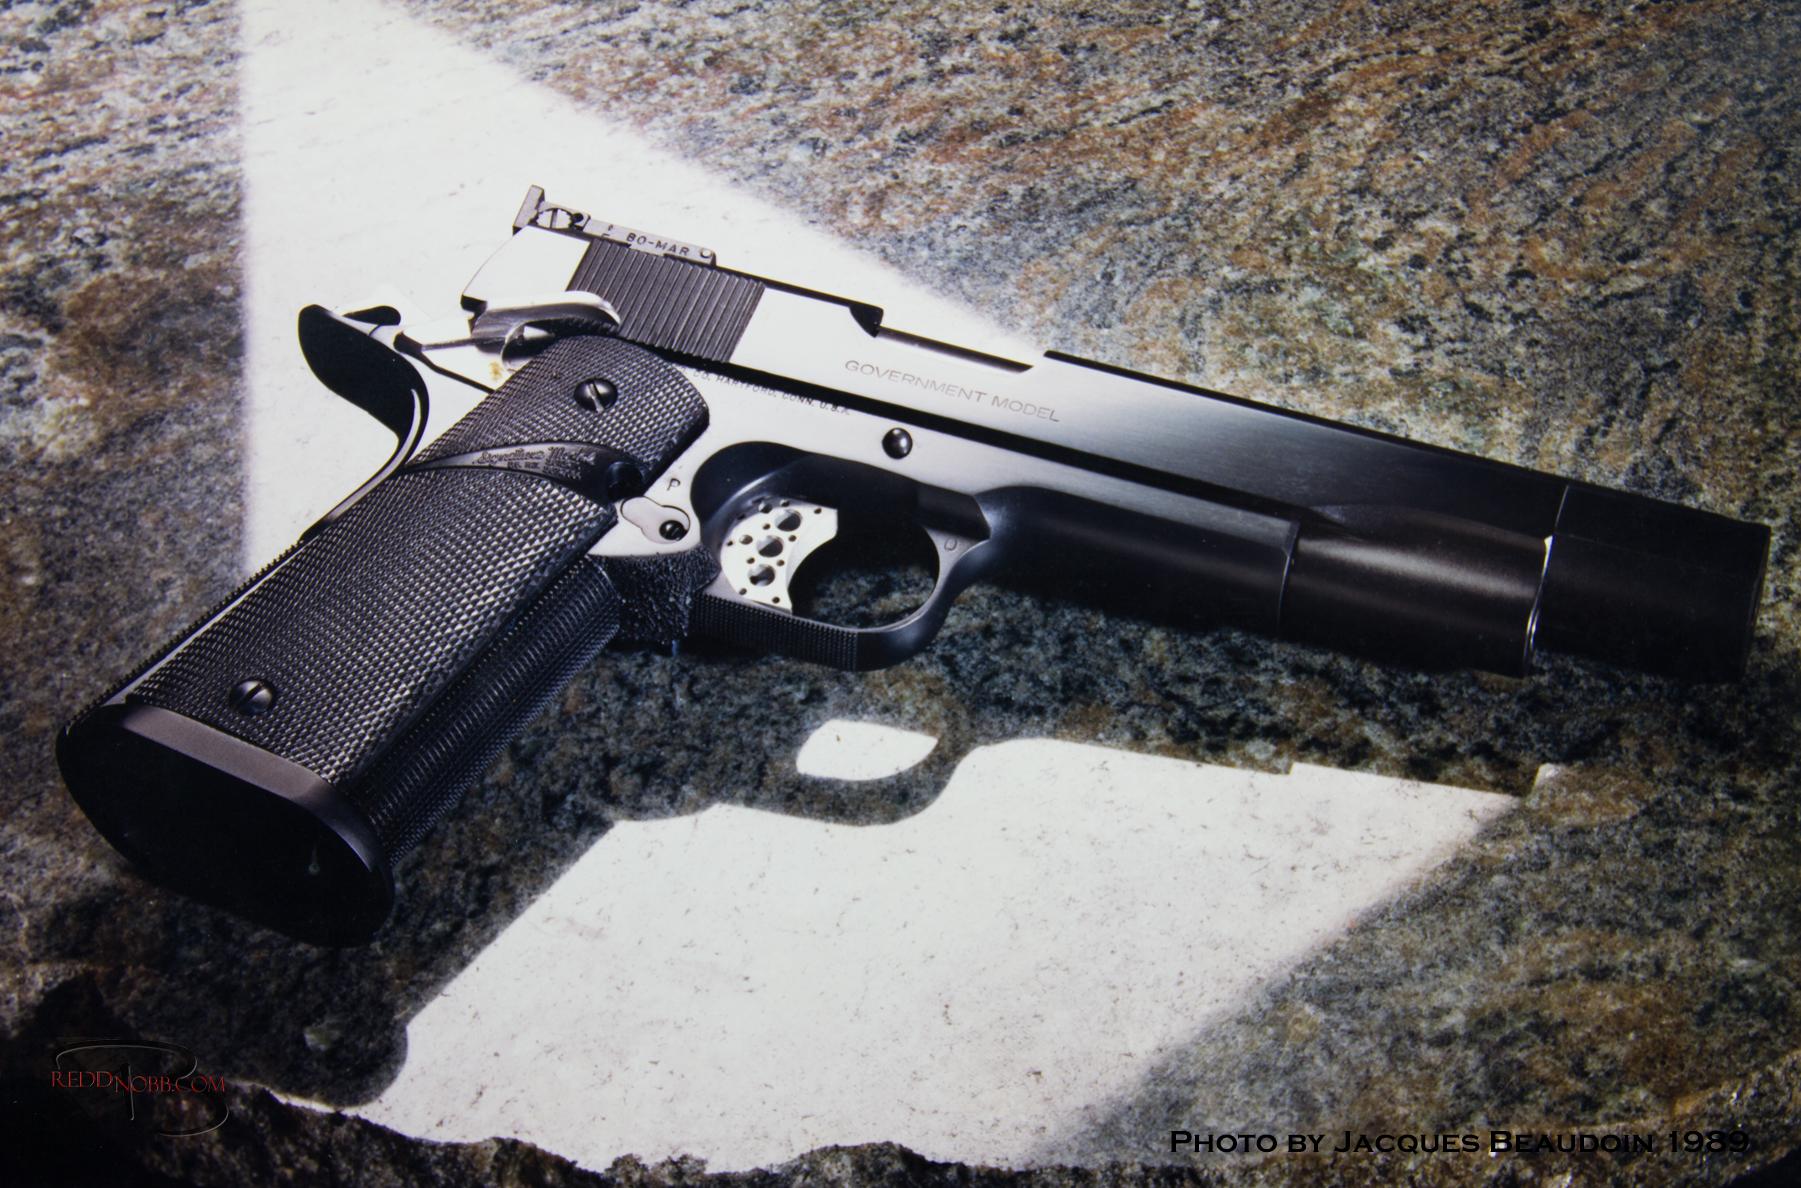 1989 custom colt 1911-a1 38 super 01